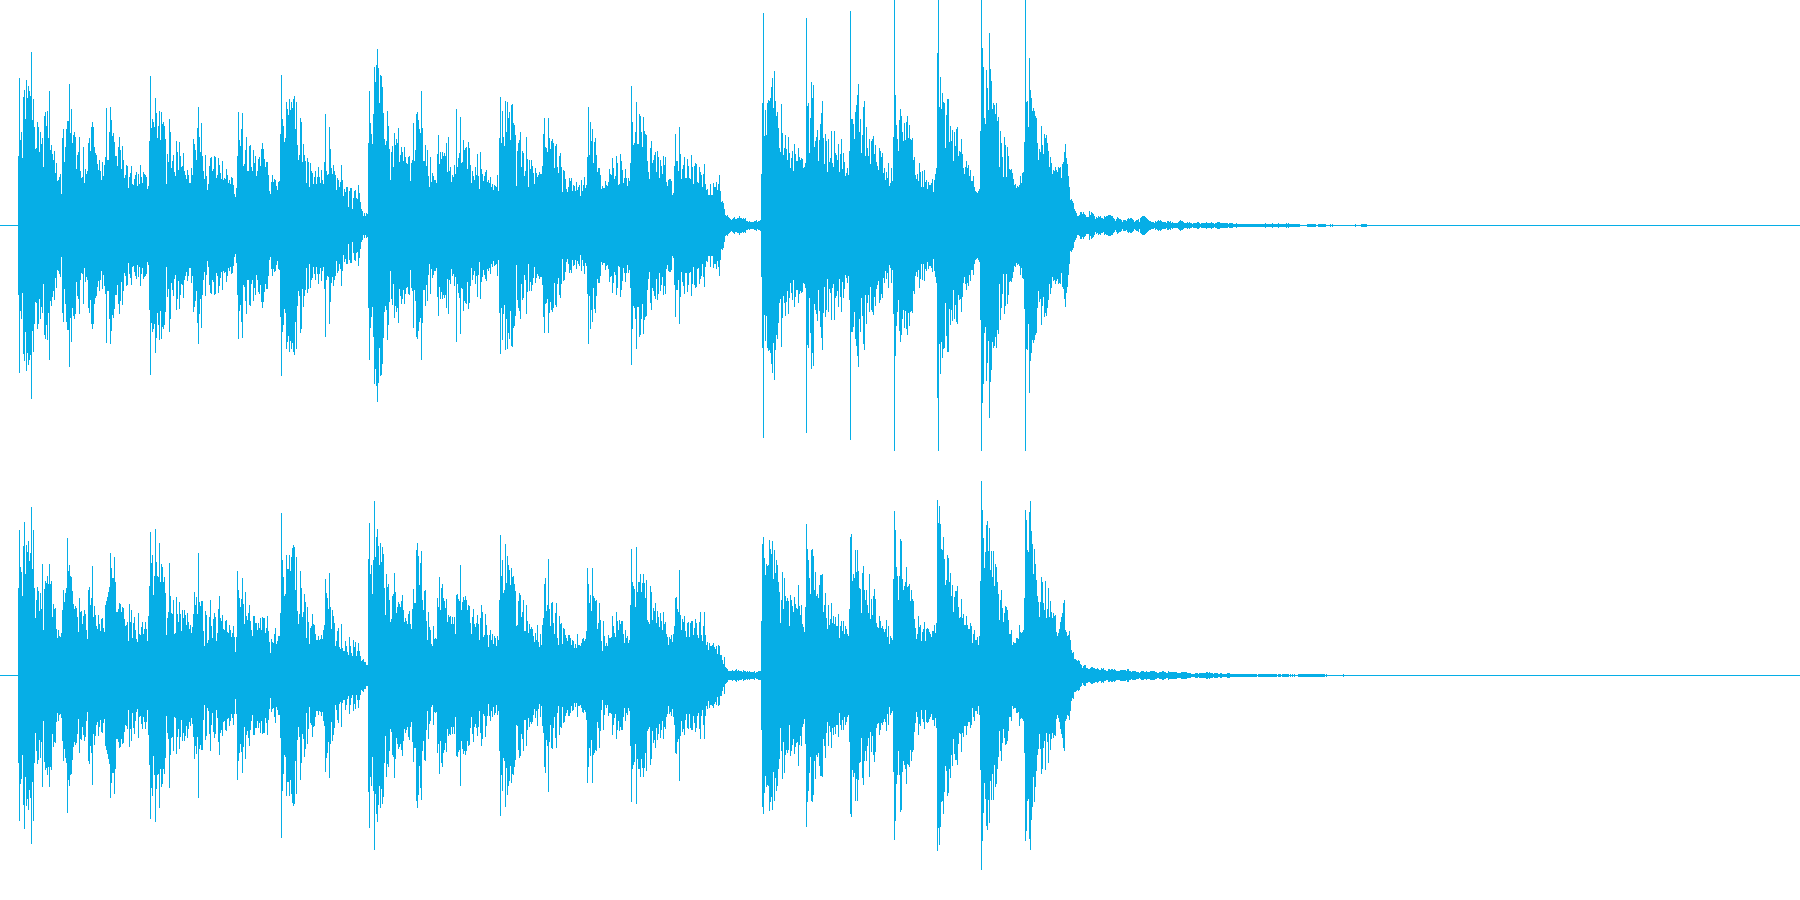 尺八によるマイナー調の和風ジングルの再生済みの波形